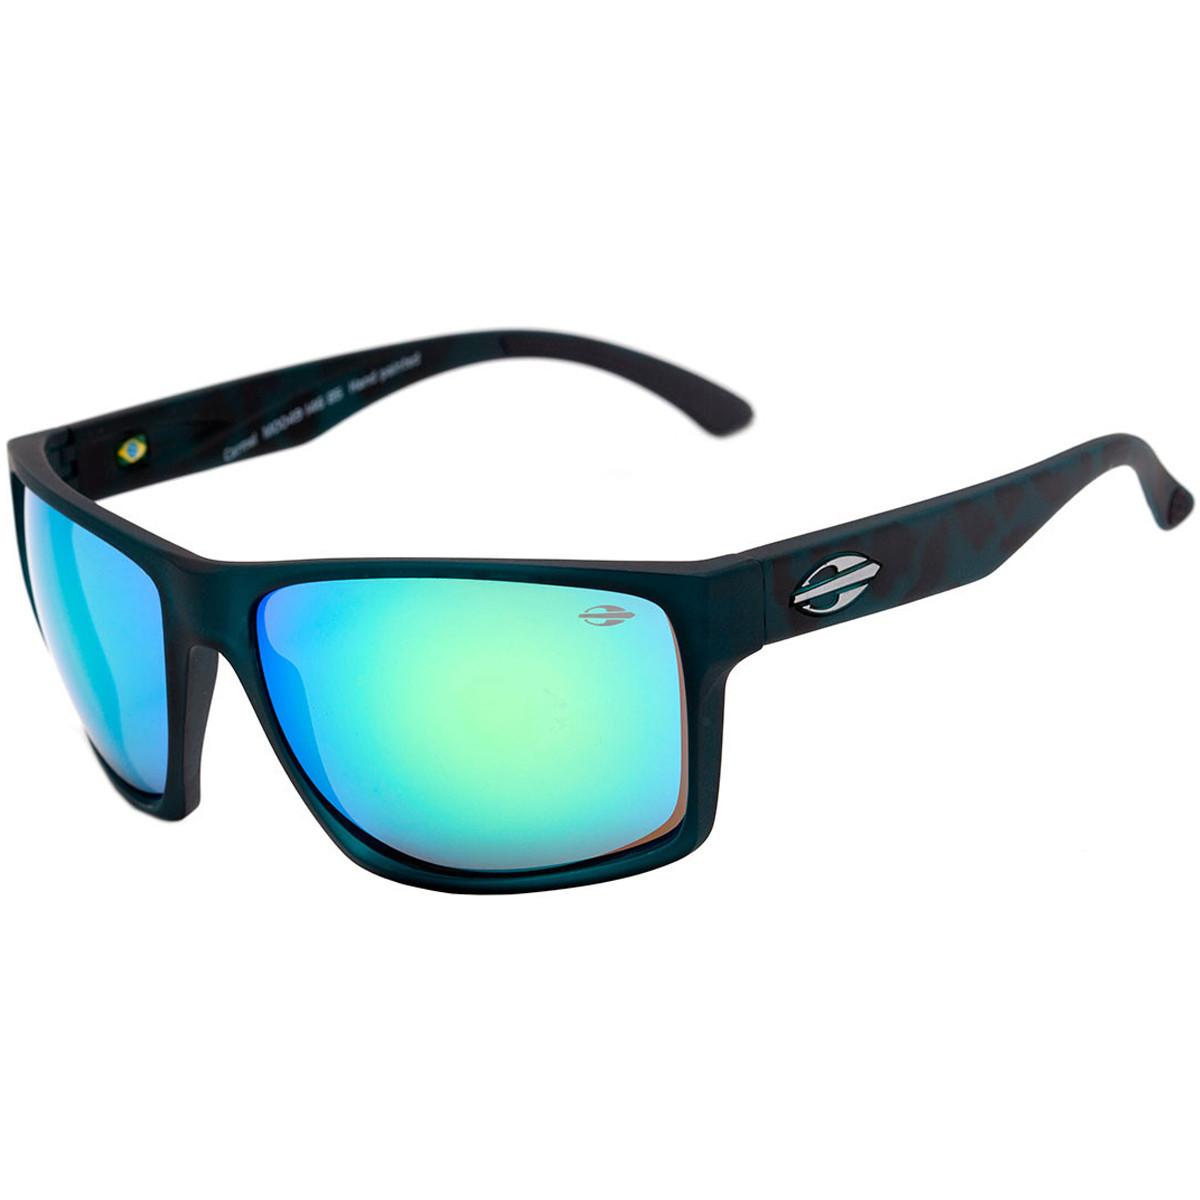 Óculos Mormaii Carmel Petroleo Fosco Camuflado  Lente Verde ref ... 0c8297c003